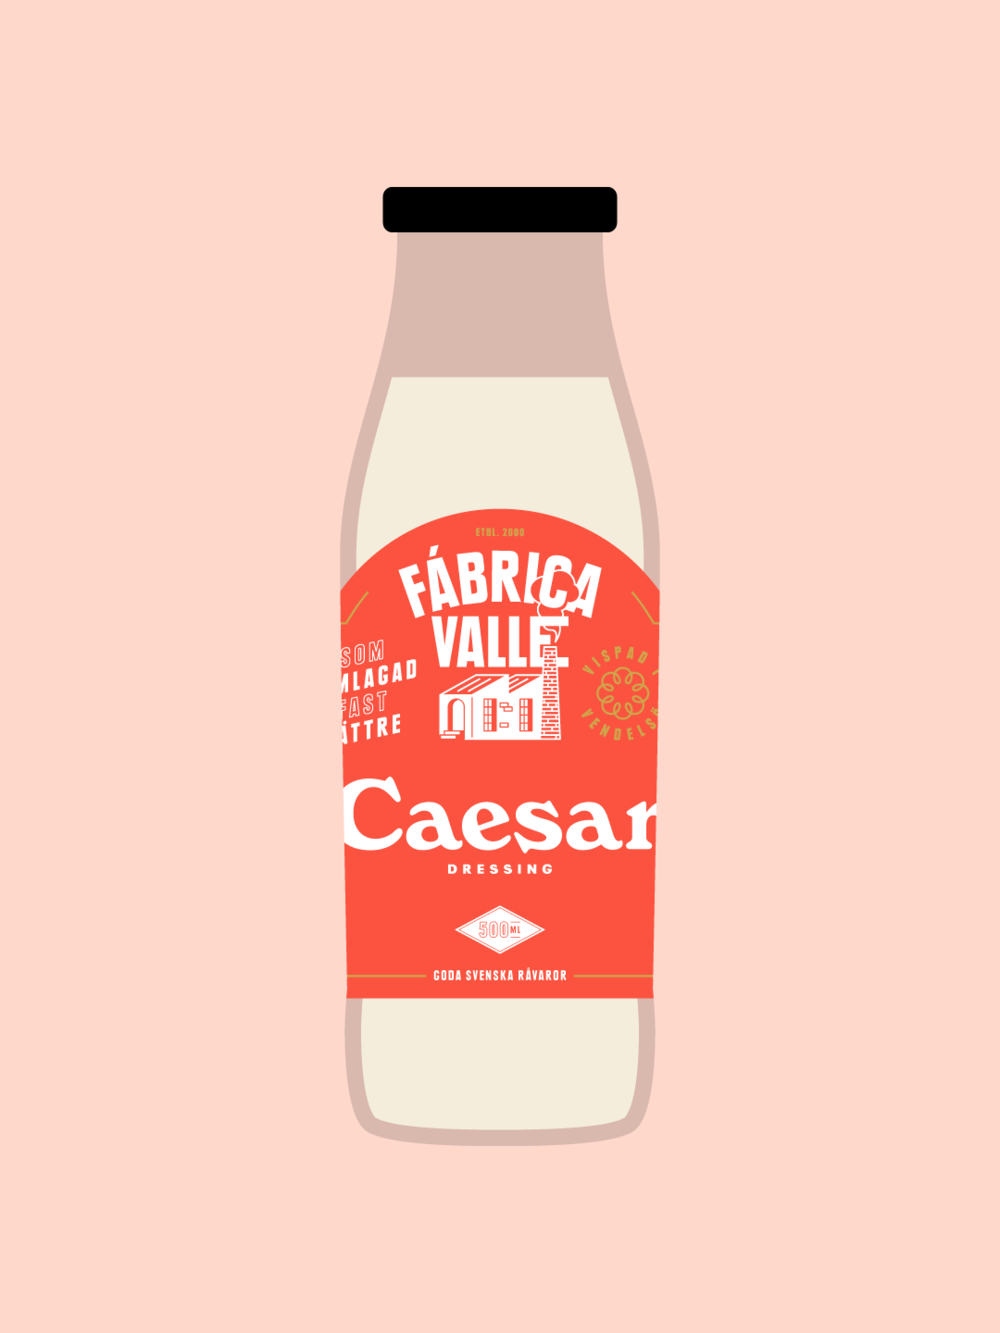 Fabrica_Valle_Illustration_Caesar_Original_1080x1440px_72ppi.png